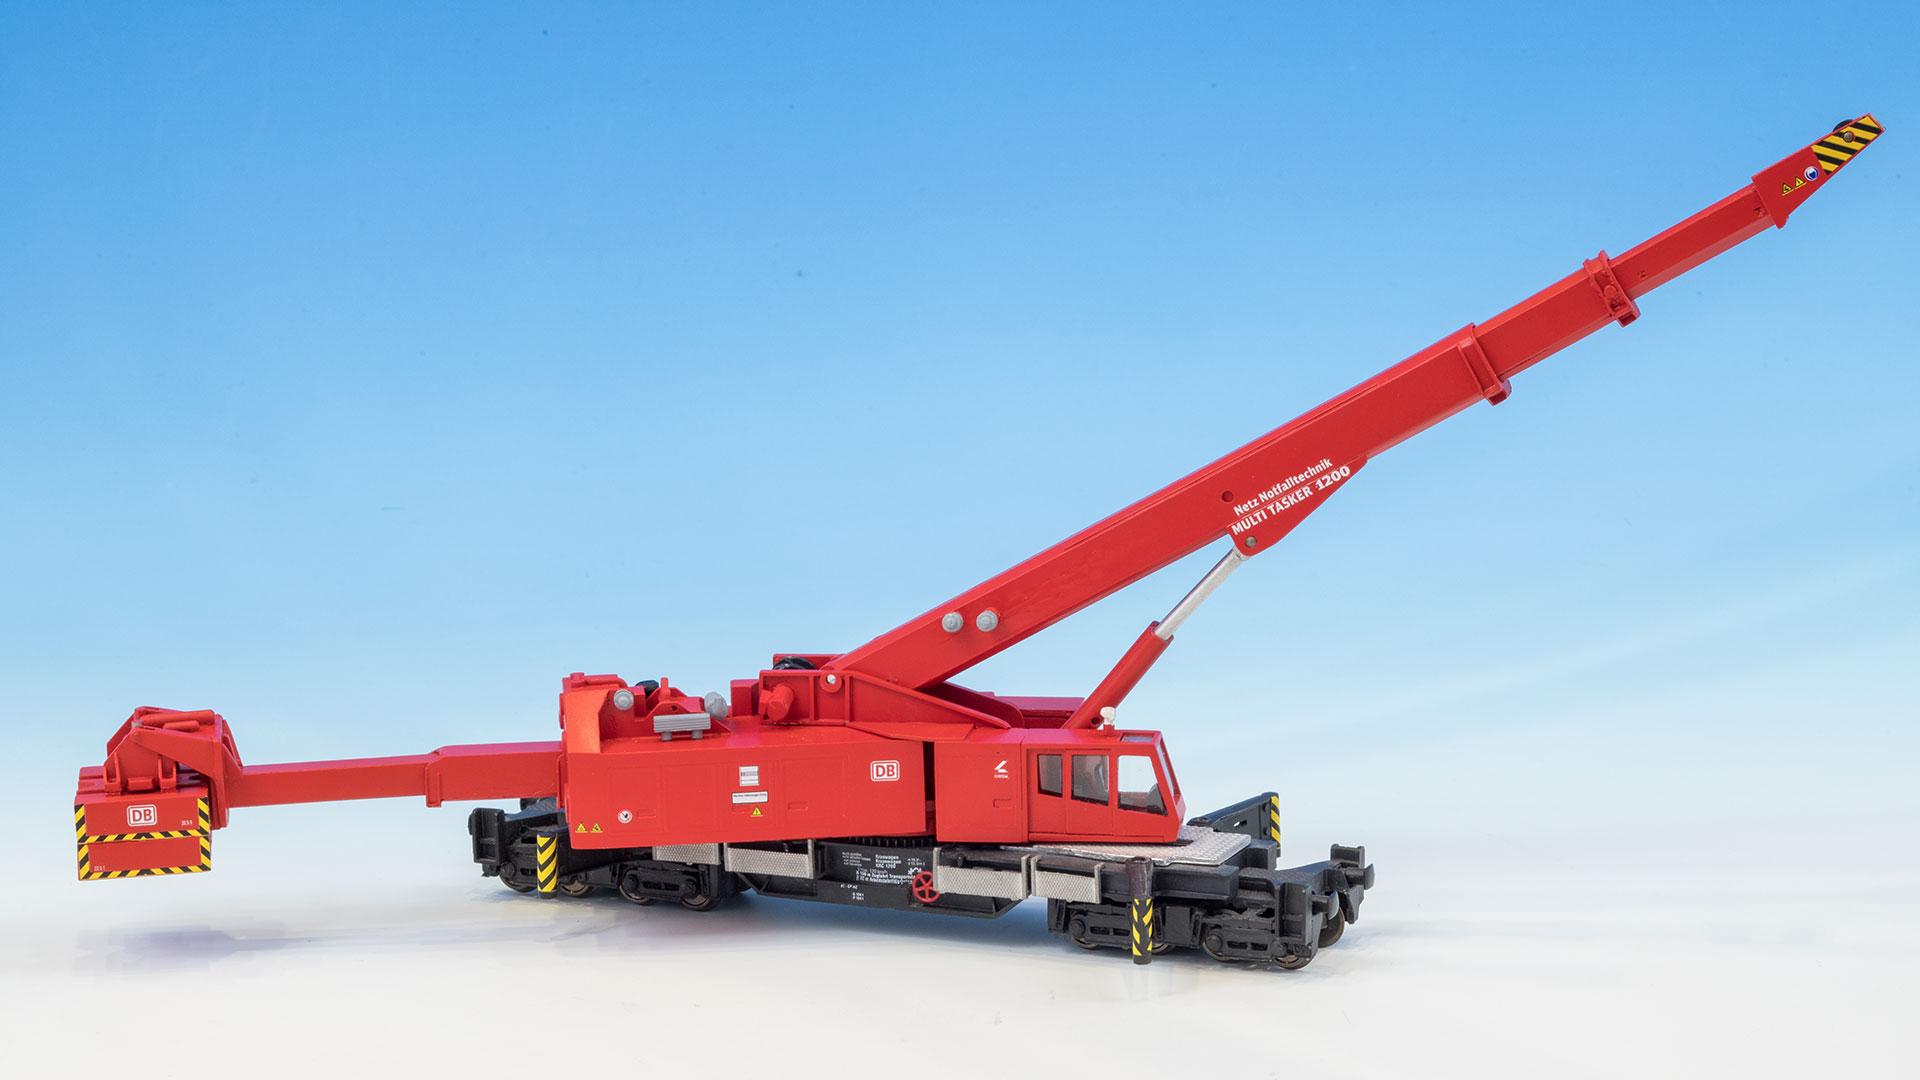 ein imposantes Modell: der Kirow-Kran KRC 1200 von Kleinspoor in H0